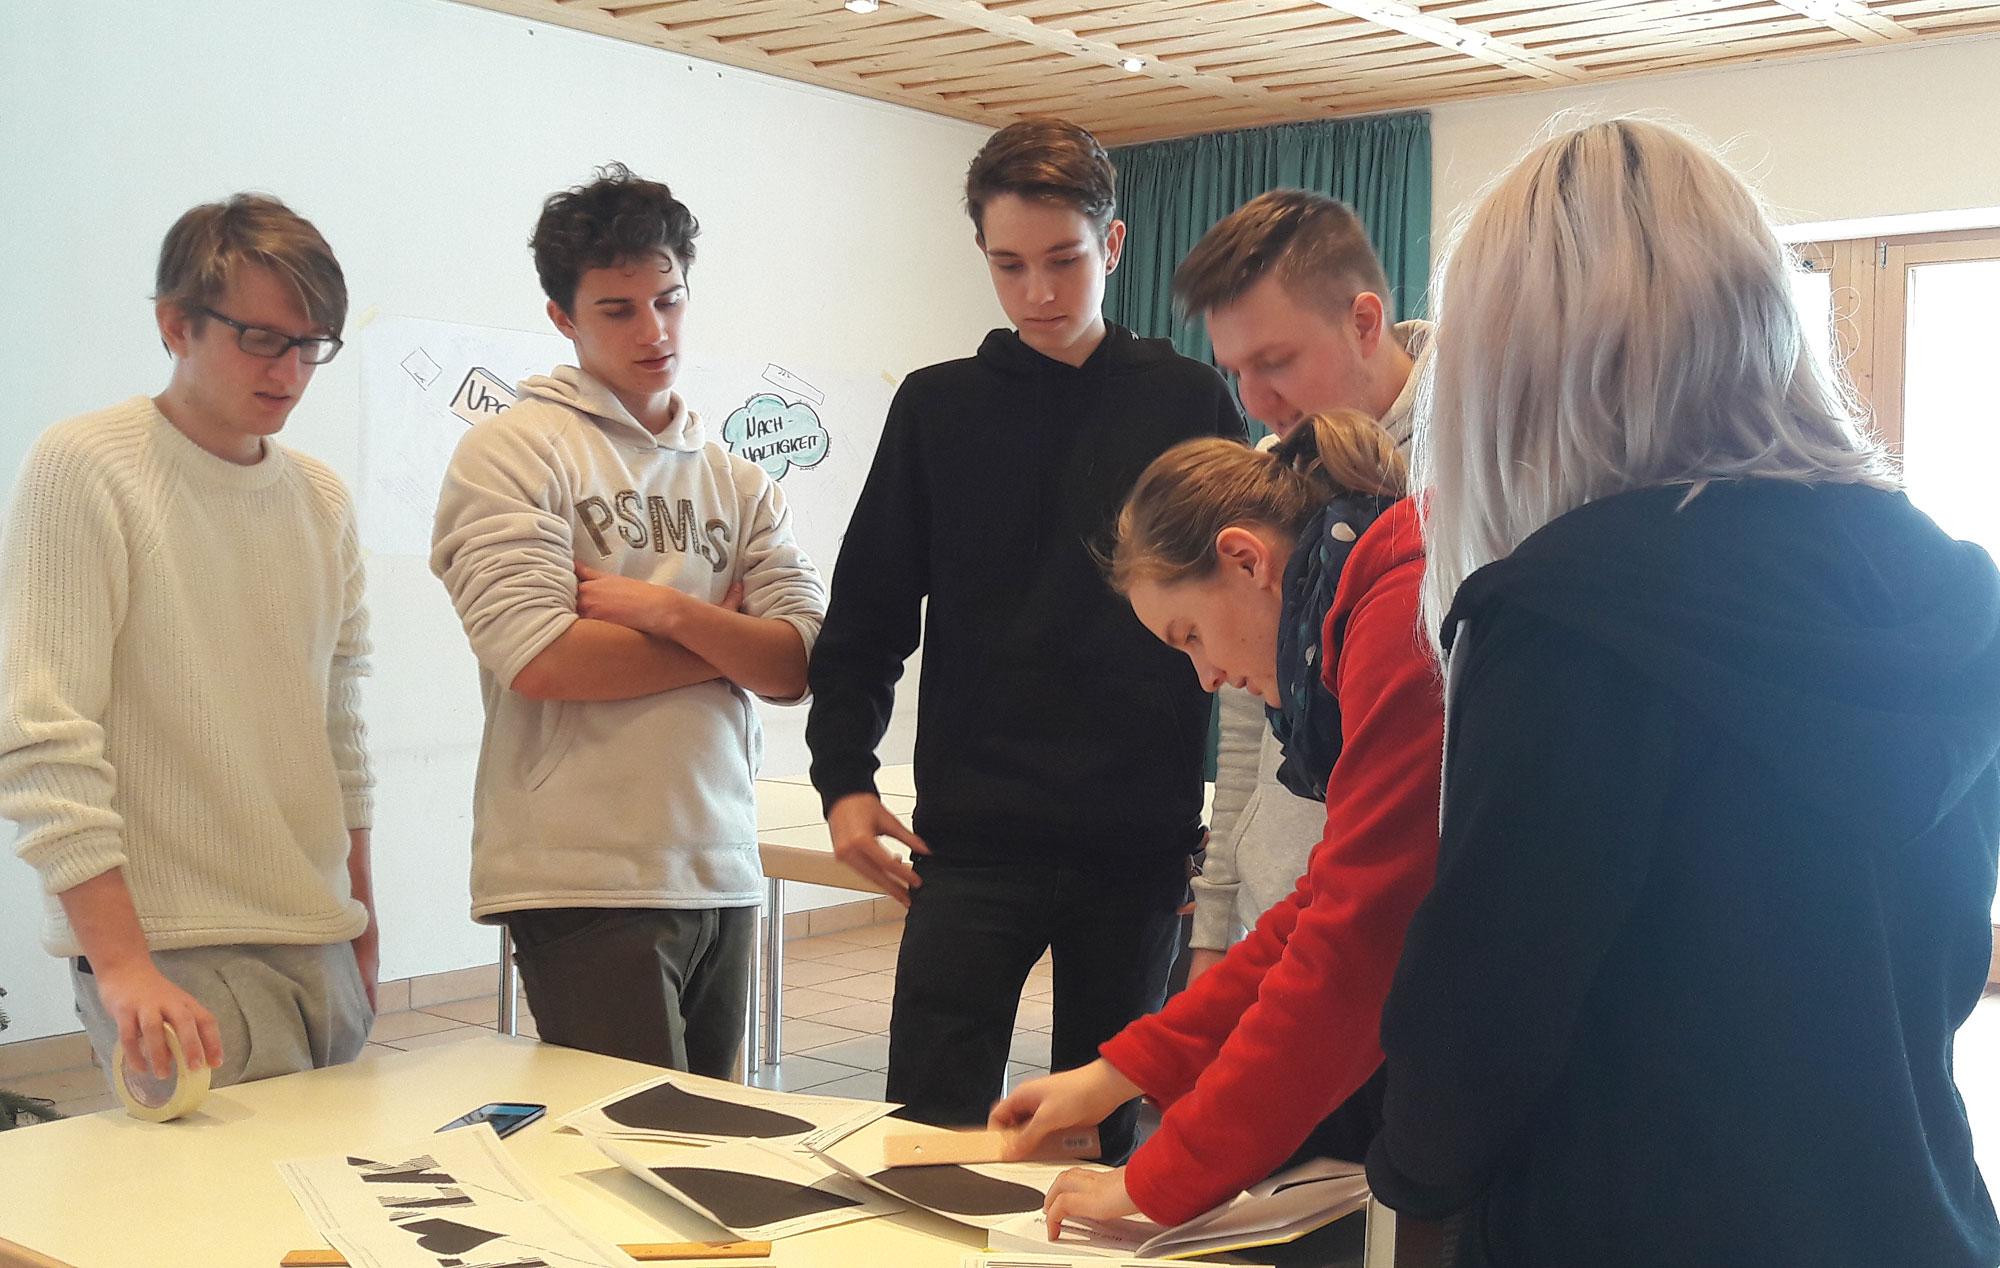 """Mitglieder des Leitenden Kreises beim Arbeitstreffen in Siegsdorf: Jugendliche und Erwachsene scharen sich um einen Tisch und begutachten Basteleien zum Konventsthema """"Upcycling""""."""